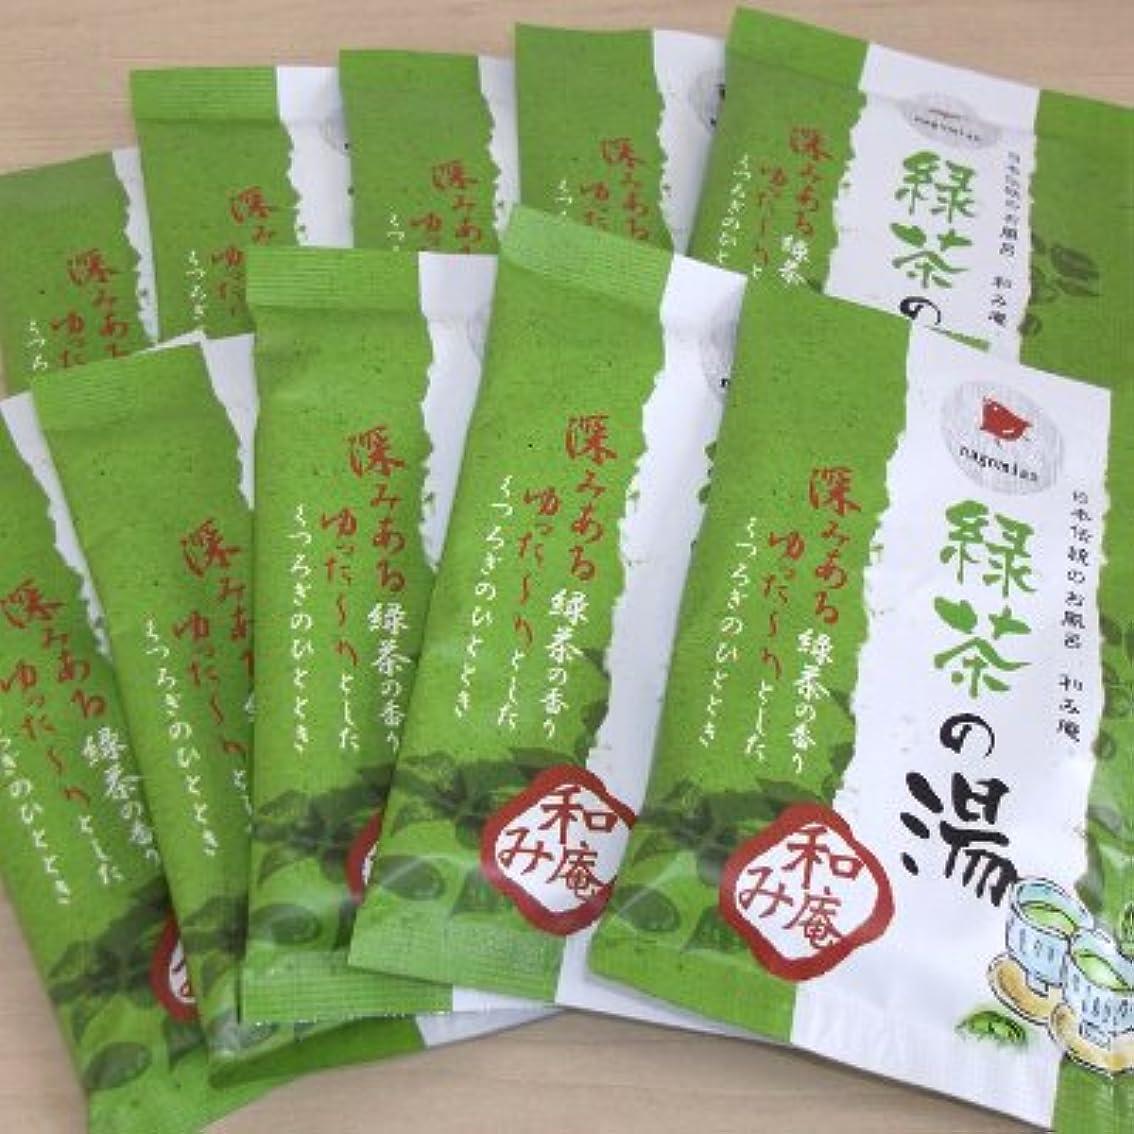 コンテンポラリー硬さ類推和み庵 緑茶の湯 10包セット